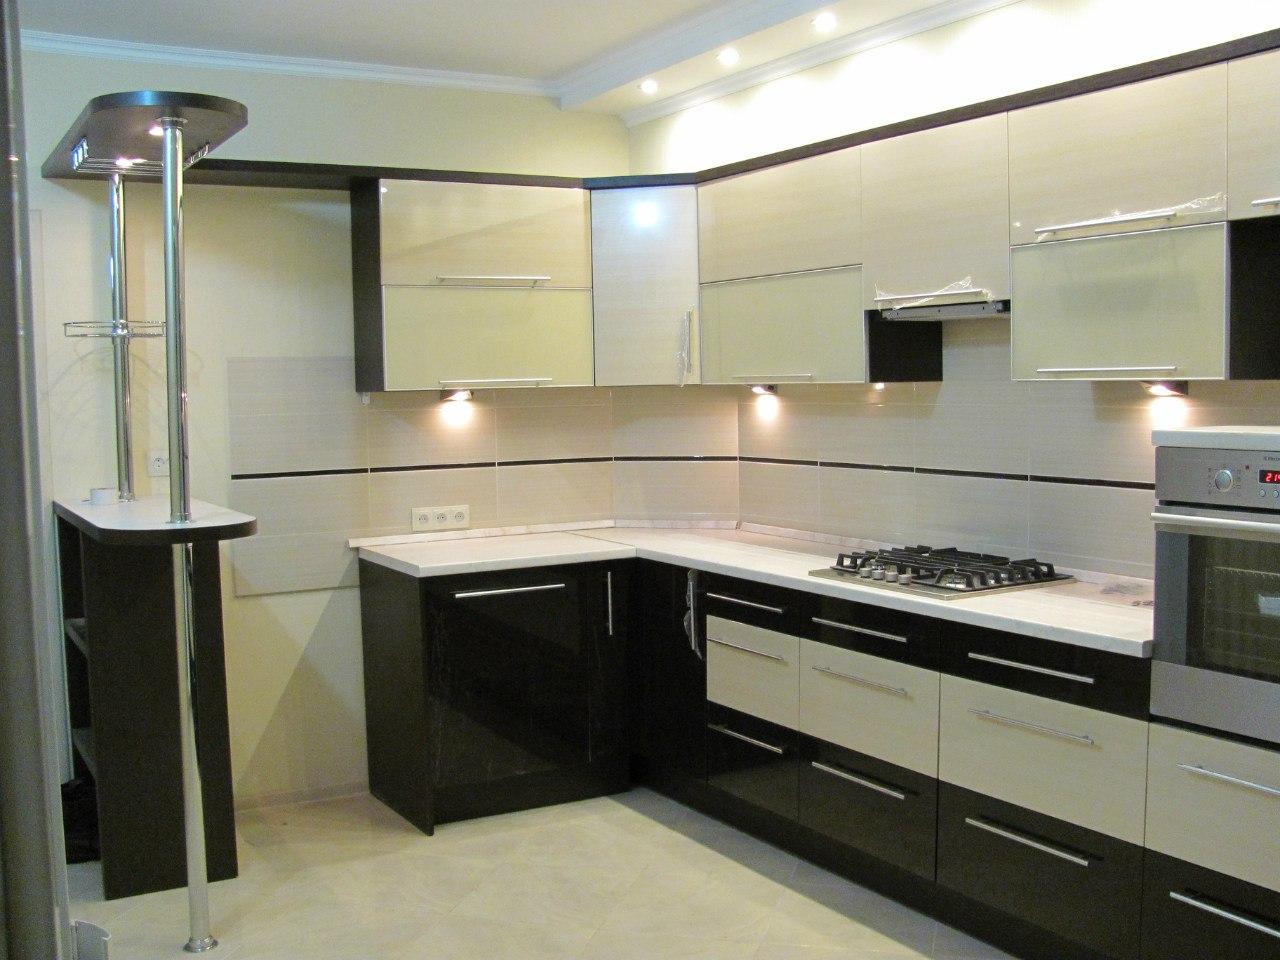 угловая кухня с барной стойкой 56 фото дизайн кухонного гарнитура